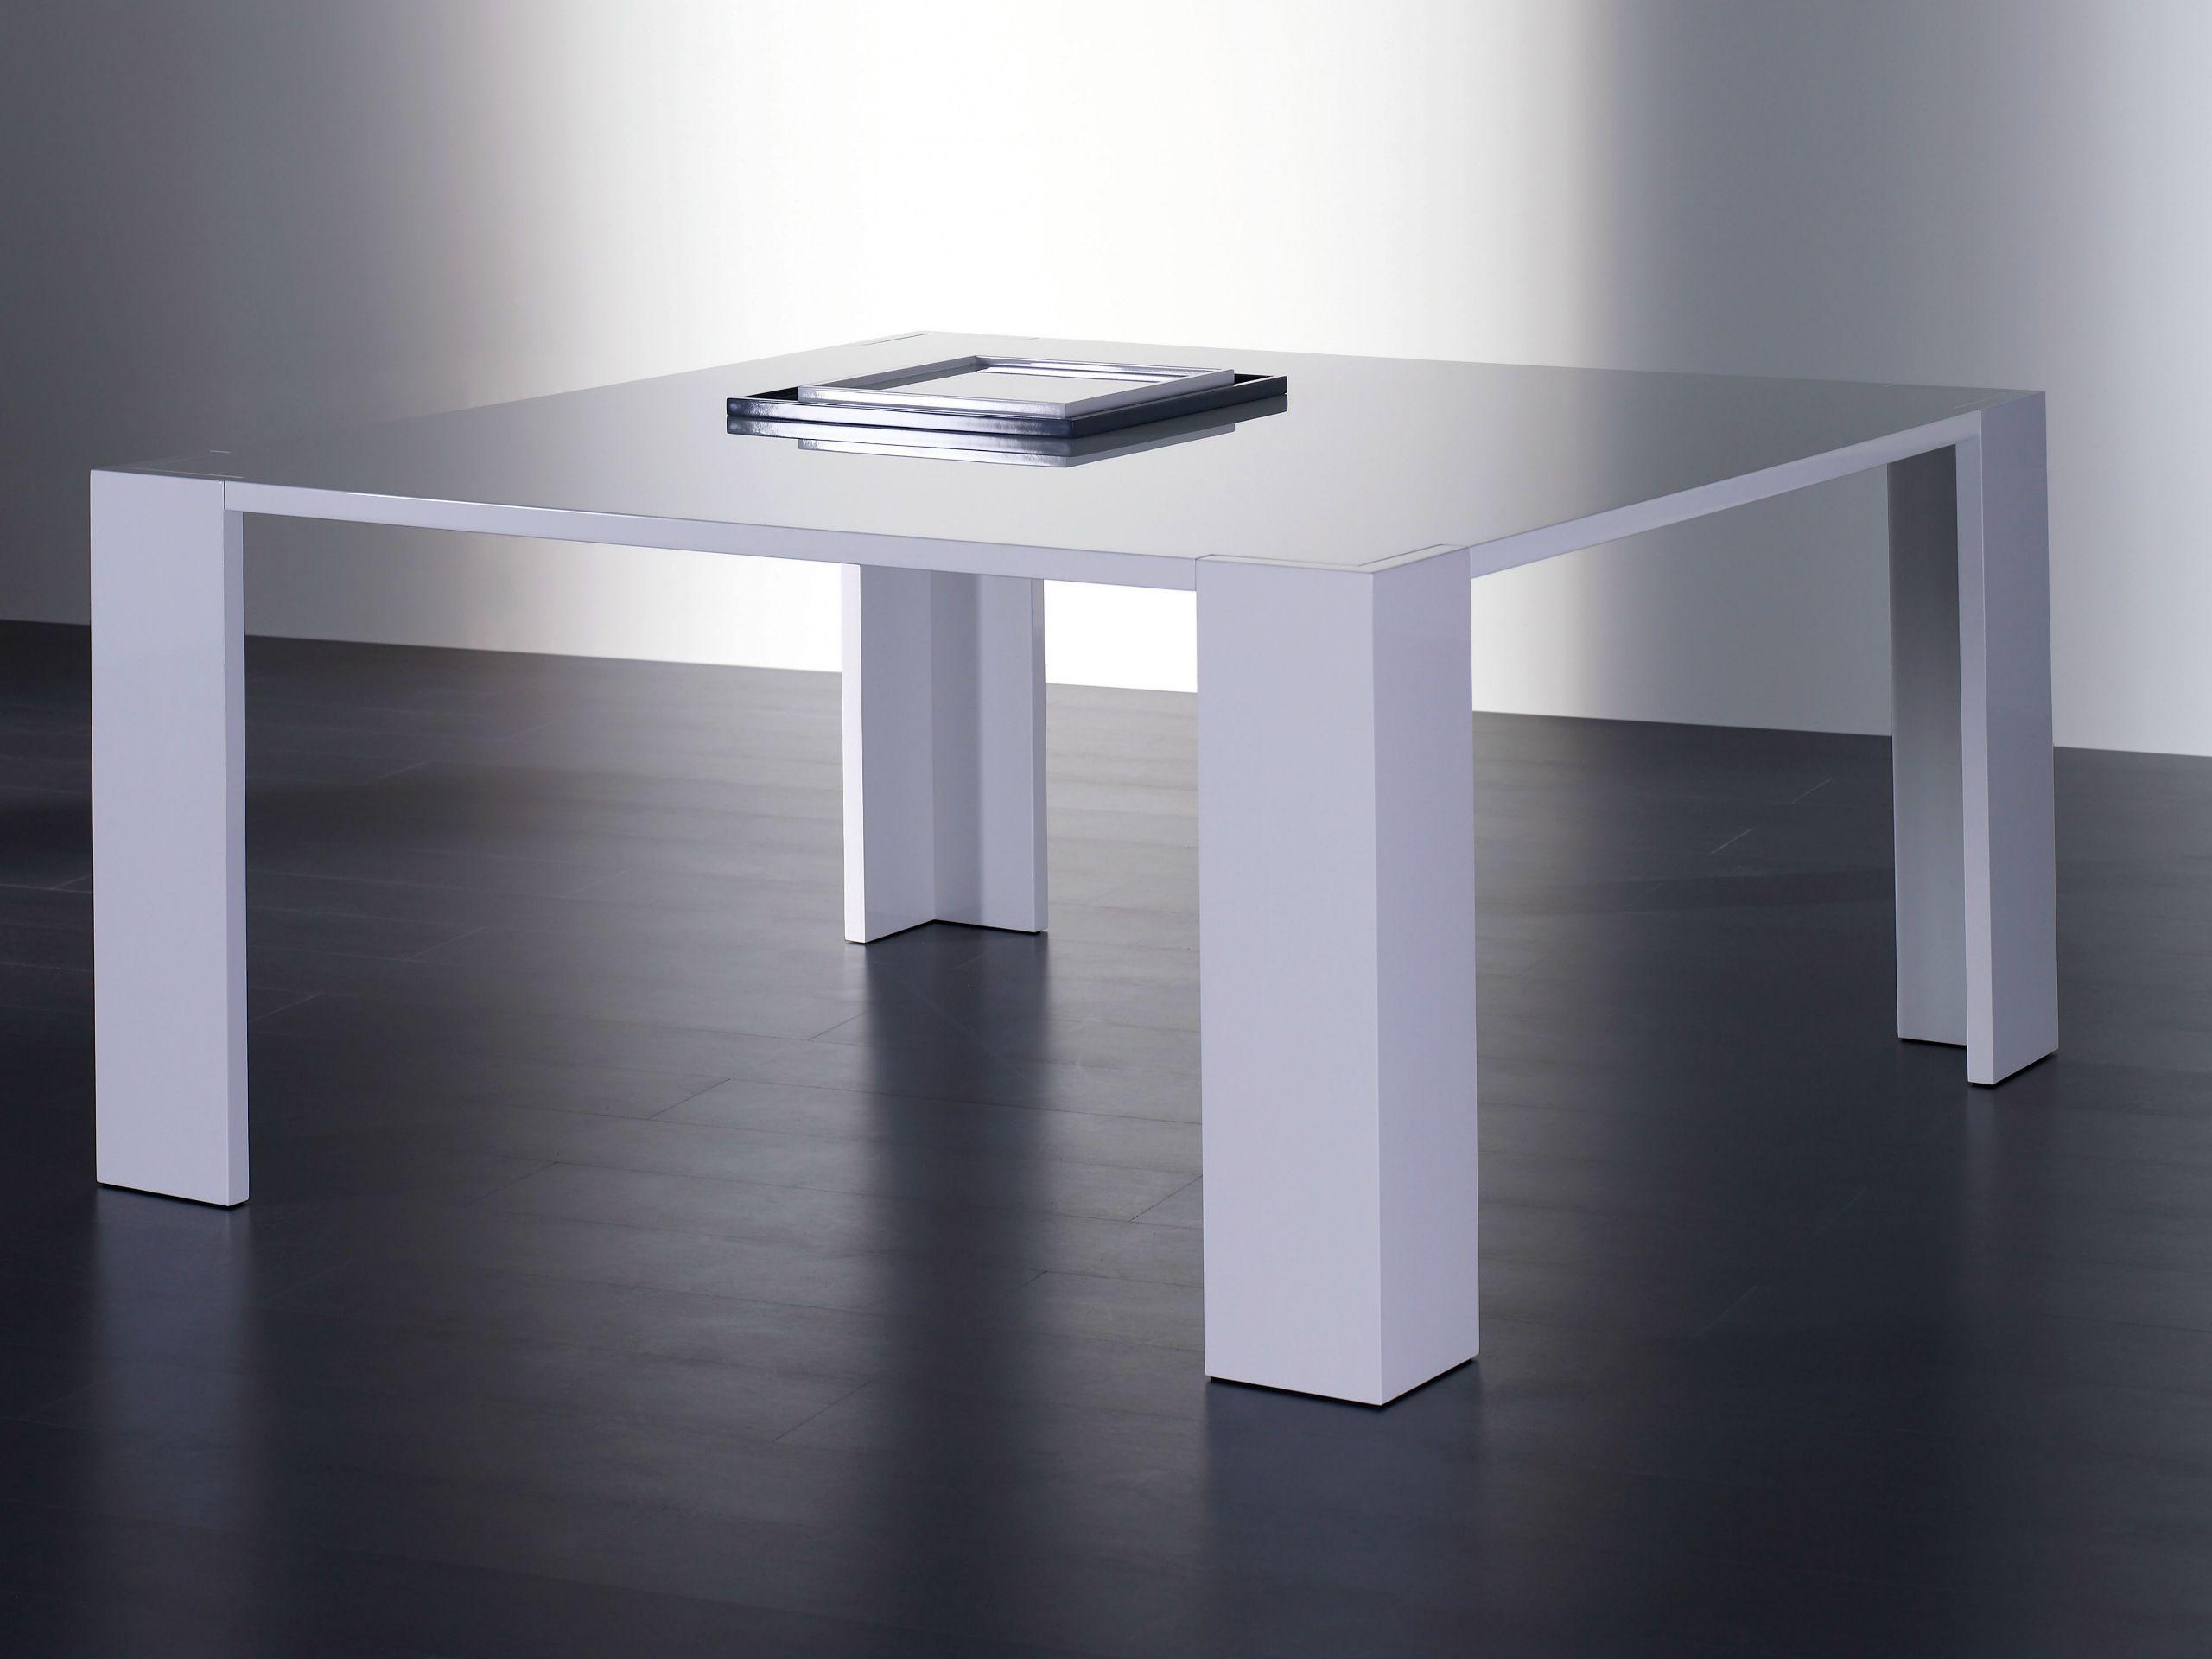 Tavolo Da Pranzo Quadrato Dimensioni : Tavolo Da Pranzo Quadrato In  #5A5D71 2560 1920 Dimensioni Tavolo Da Pranzo Per 4